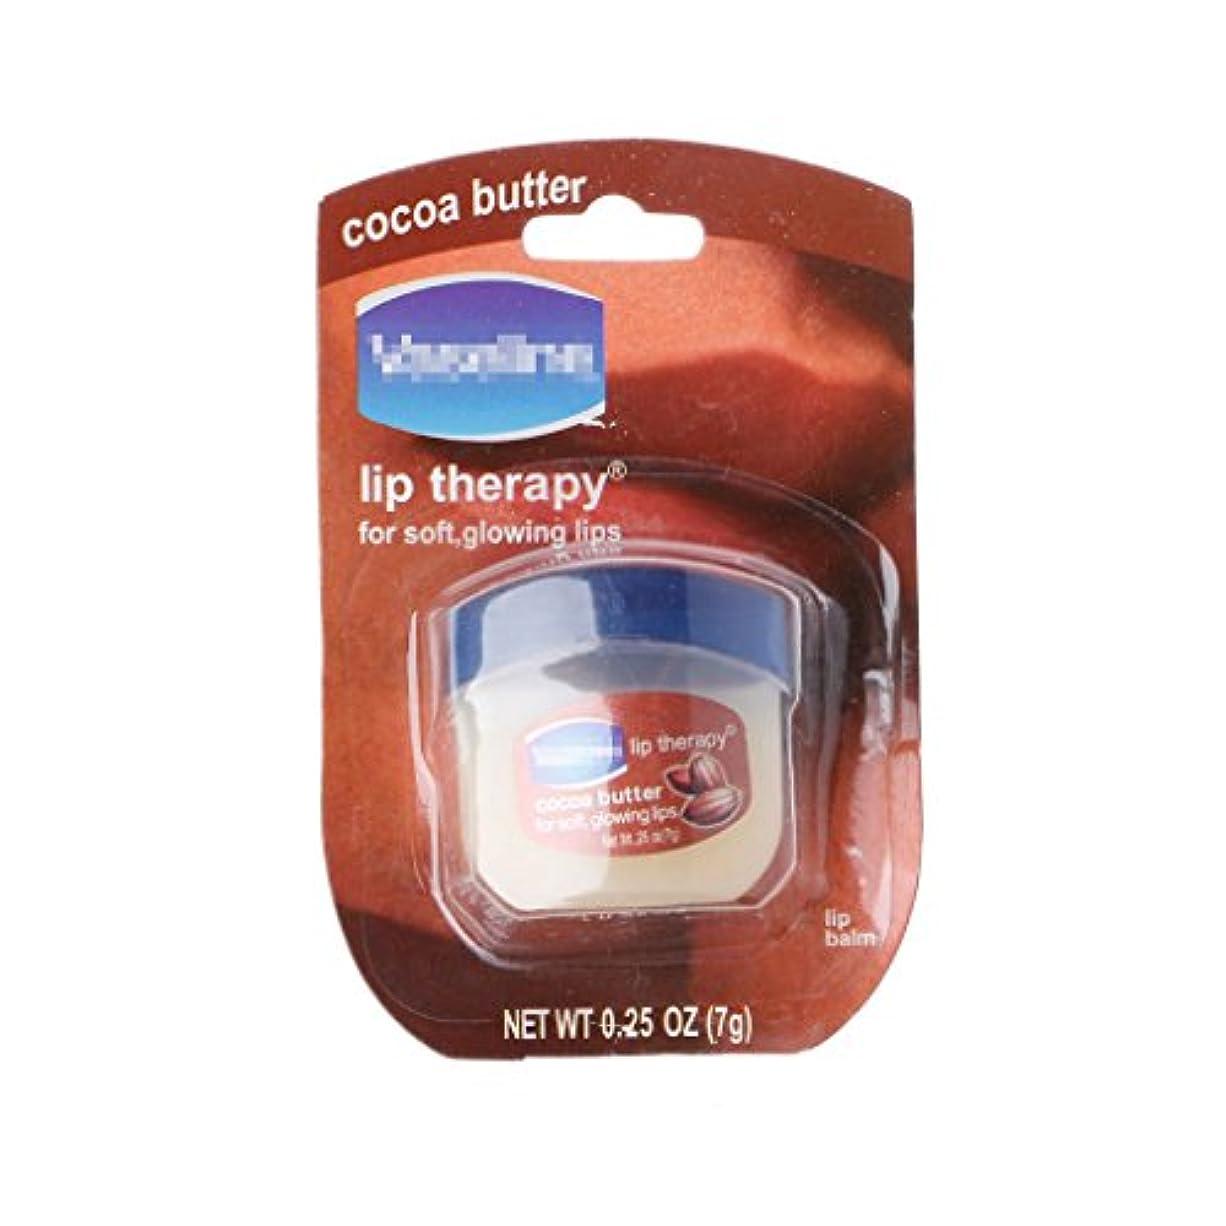 生理痛みメッシュManyao 身体の顔のための純粋な石油ゼリースキンプロテクターモイスチャライザーワセリンクリーム (NO.1)